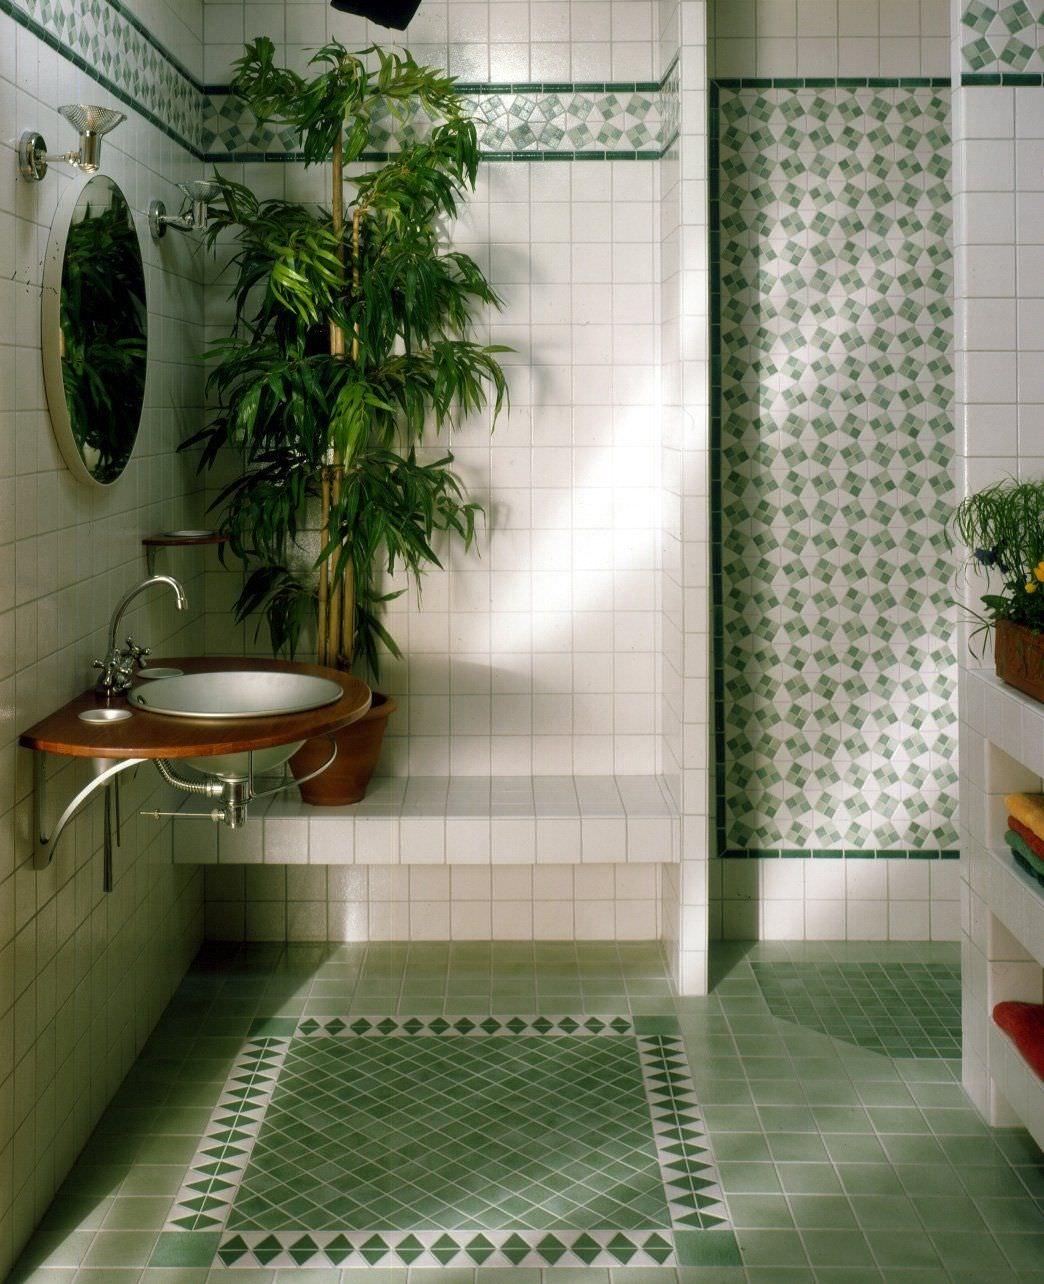 Magasin Meuble Salle De Bain Pau ~ mosa que d int rieur de salle de bain murale en c ramique